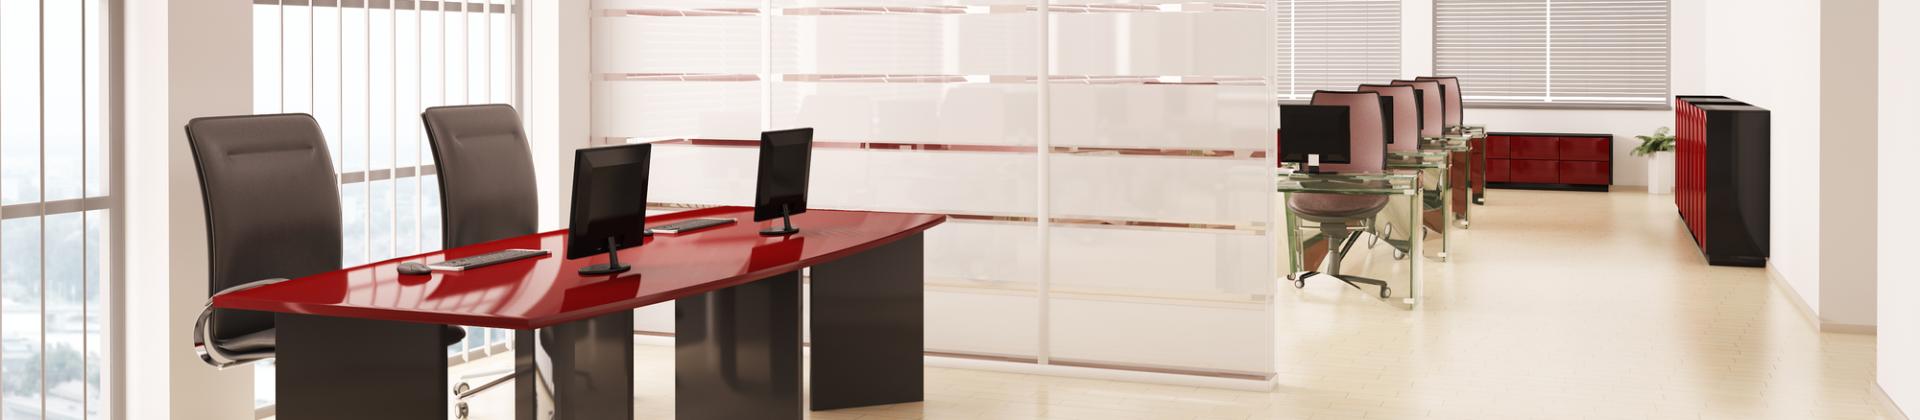 Утилизация офисной мебели